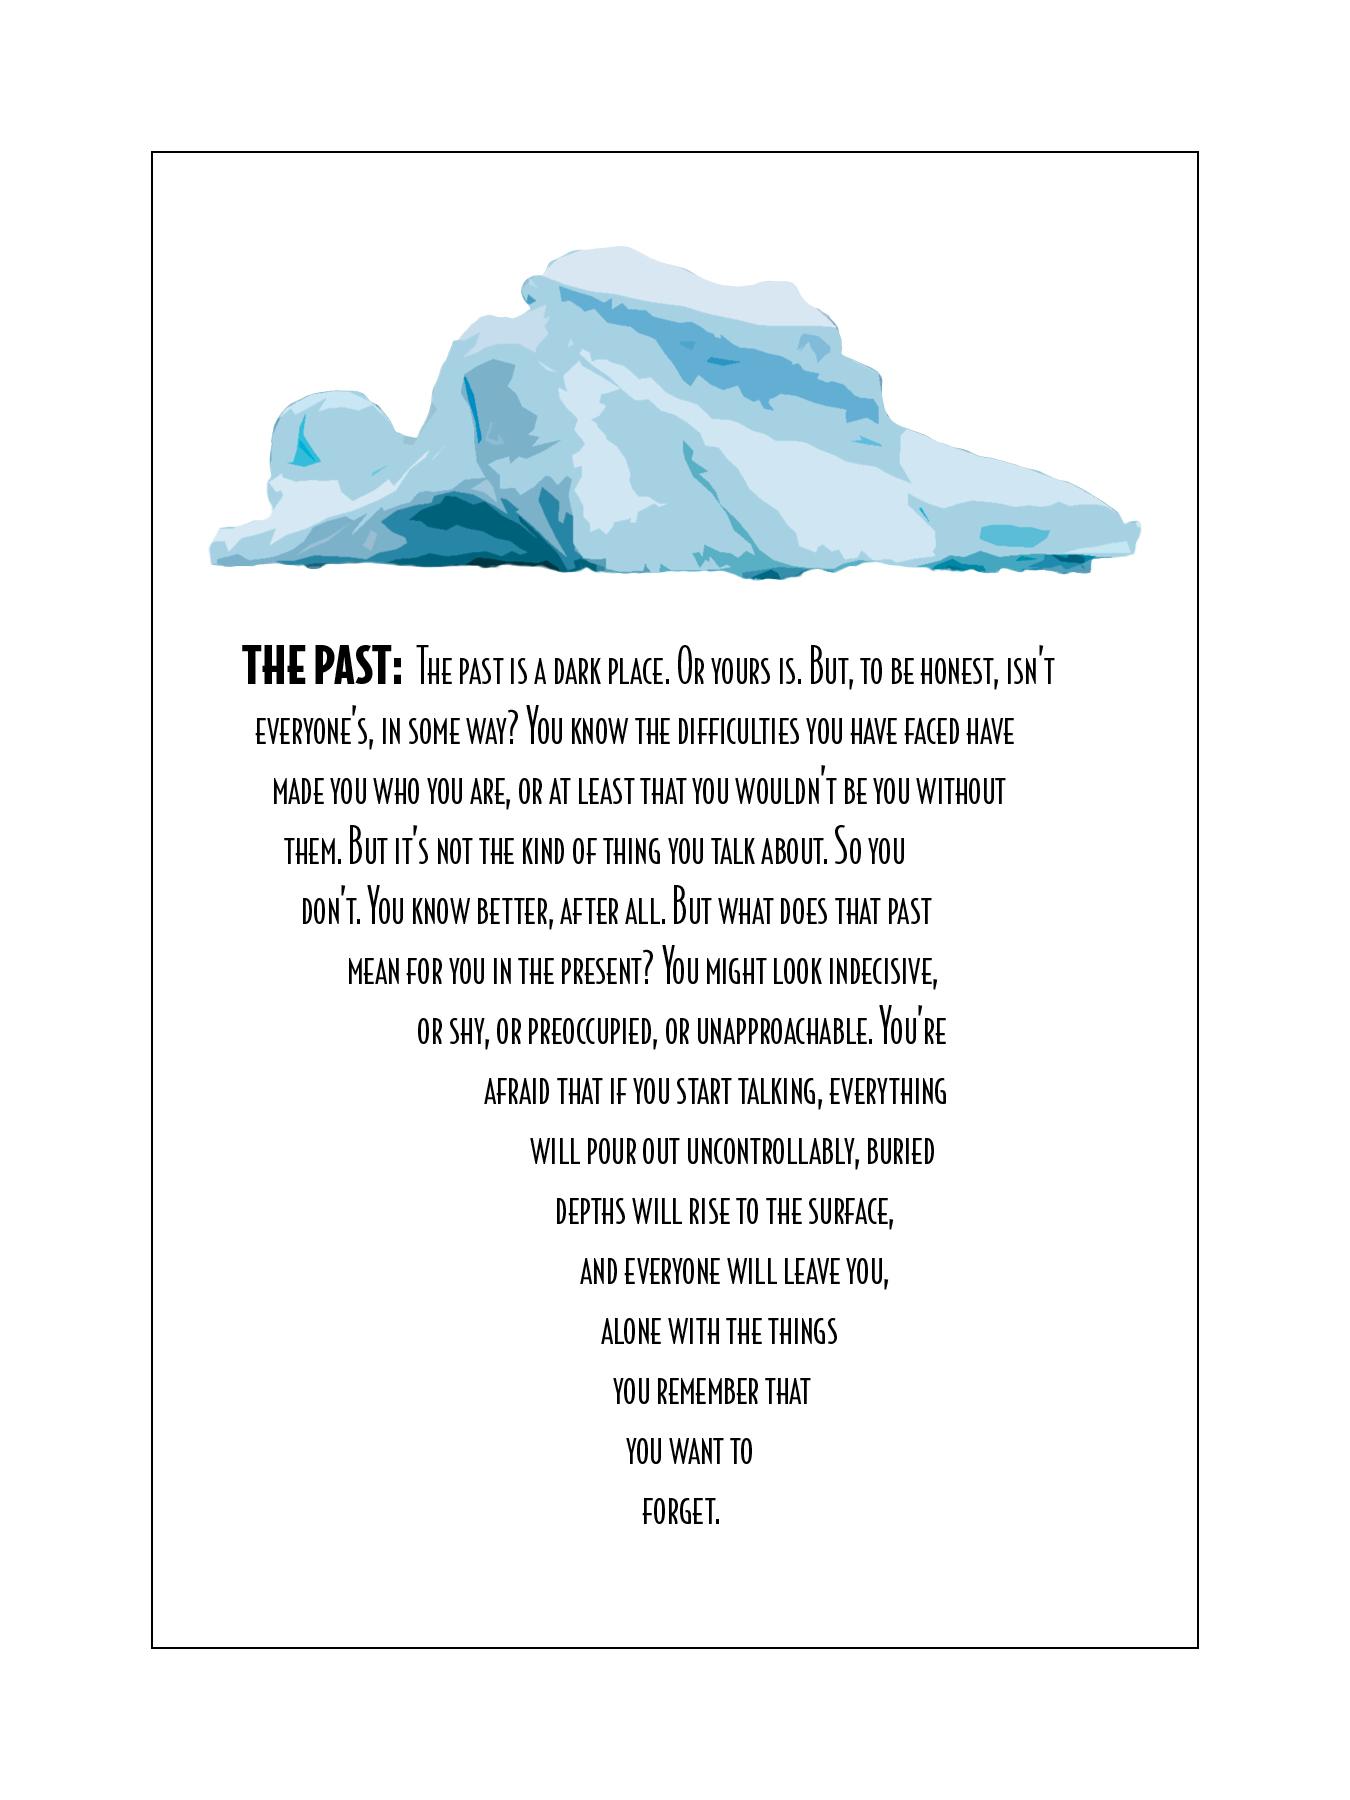 Mansolino_IcebergFieldGuide8.jpg